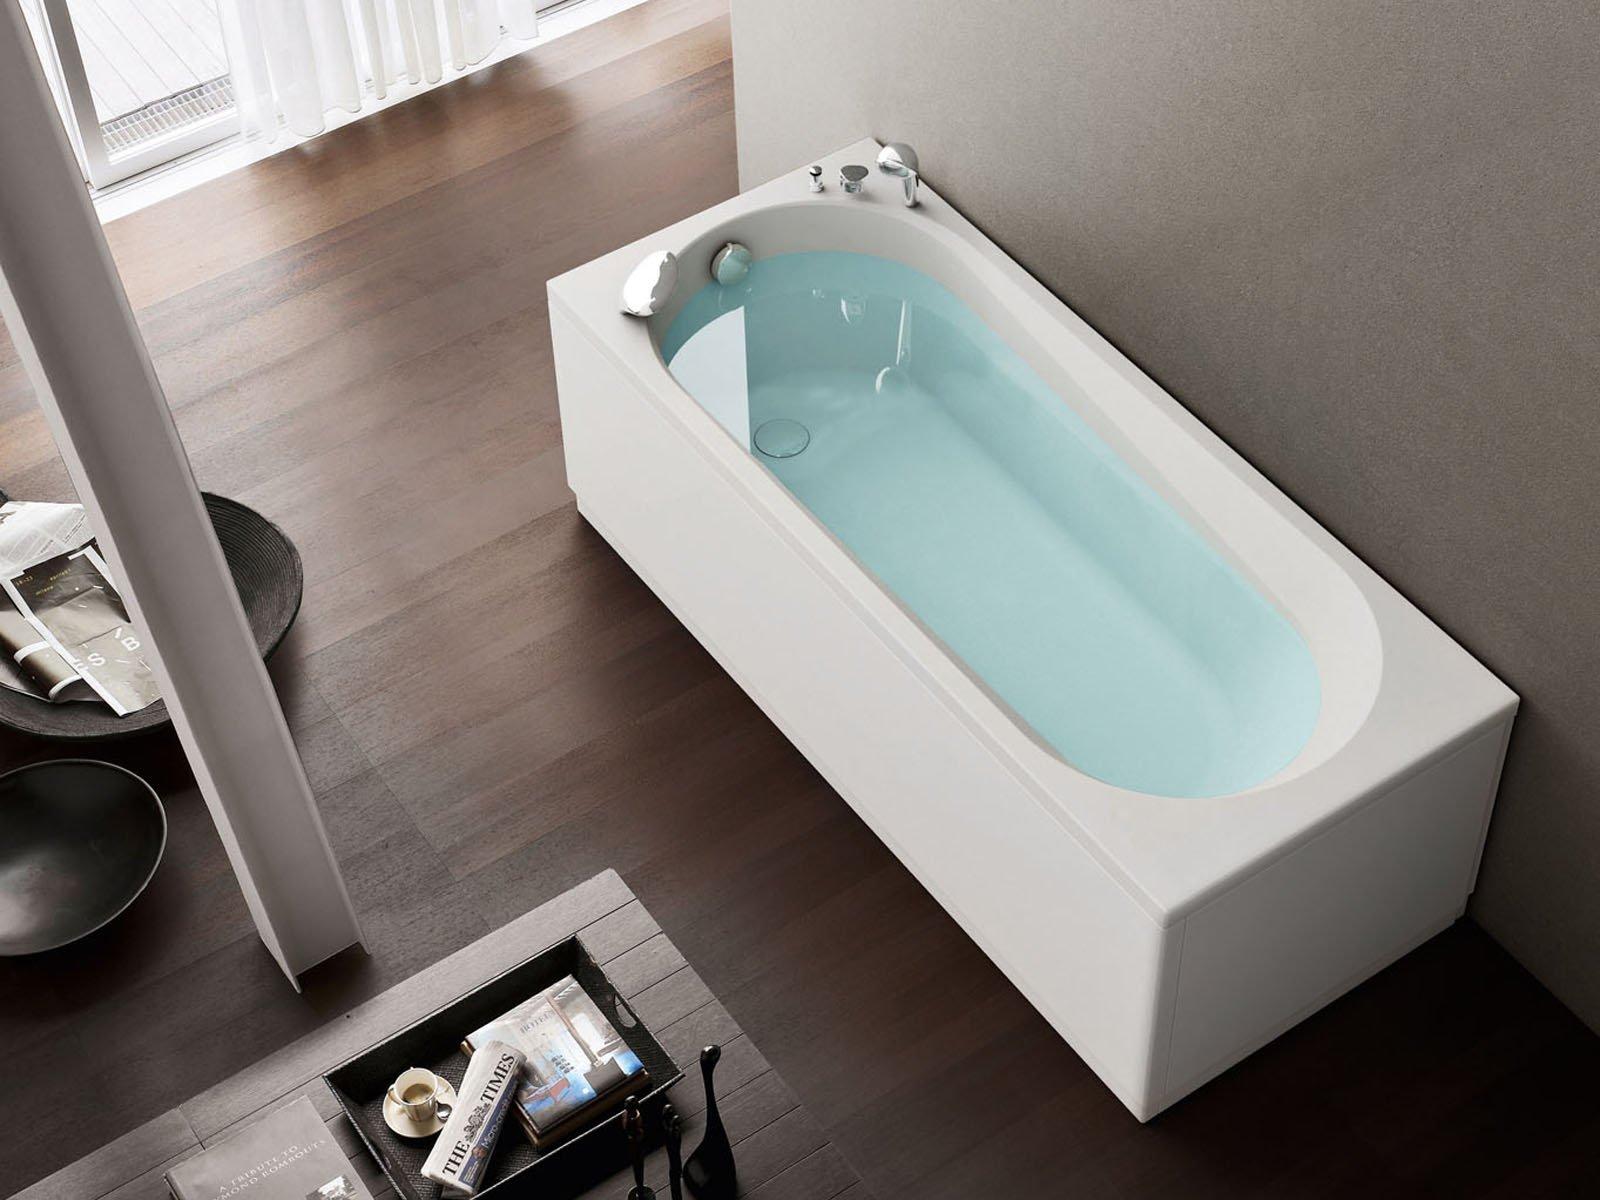 Vasca Da Bagno Piccola 140 : Soluzioni per il bagno piccolo cose di casa